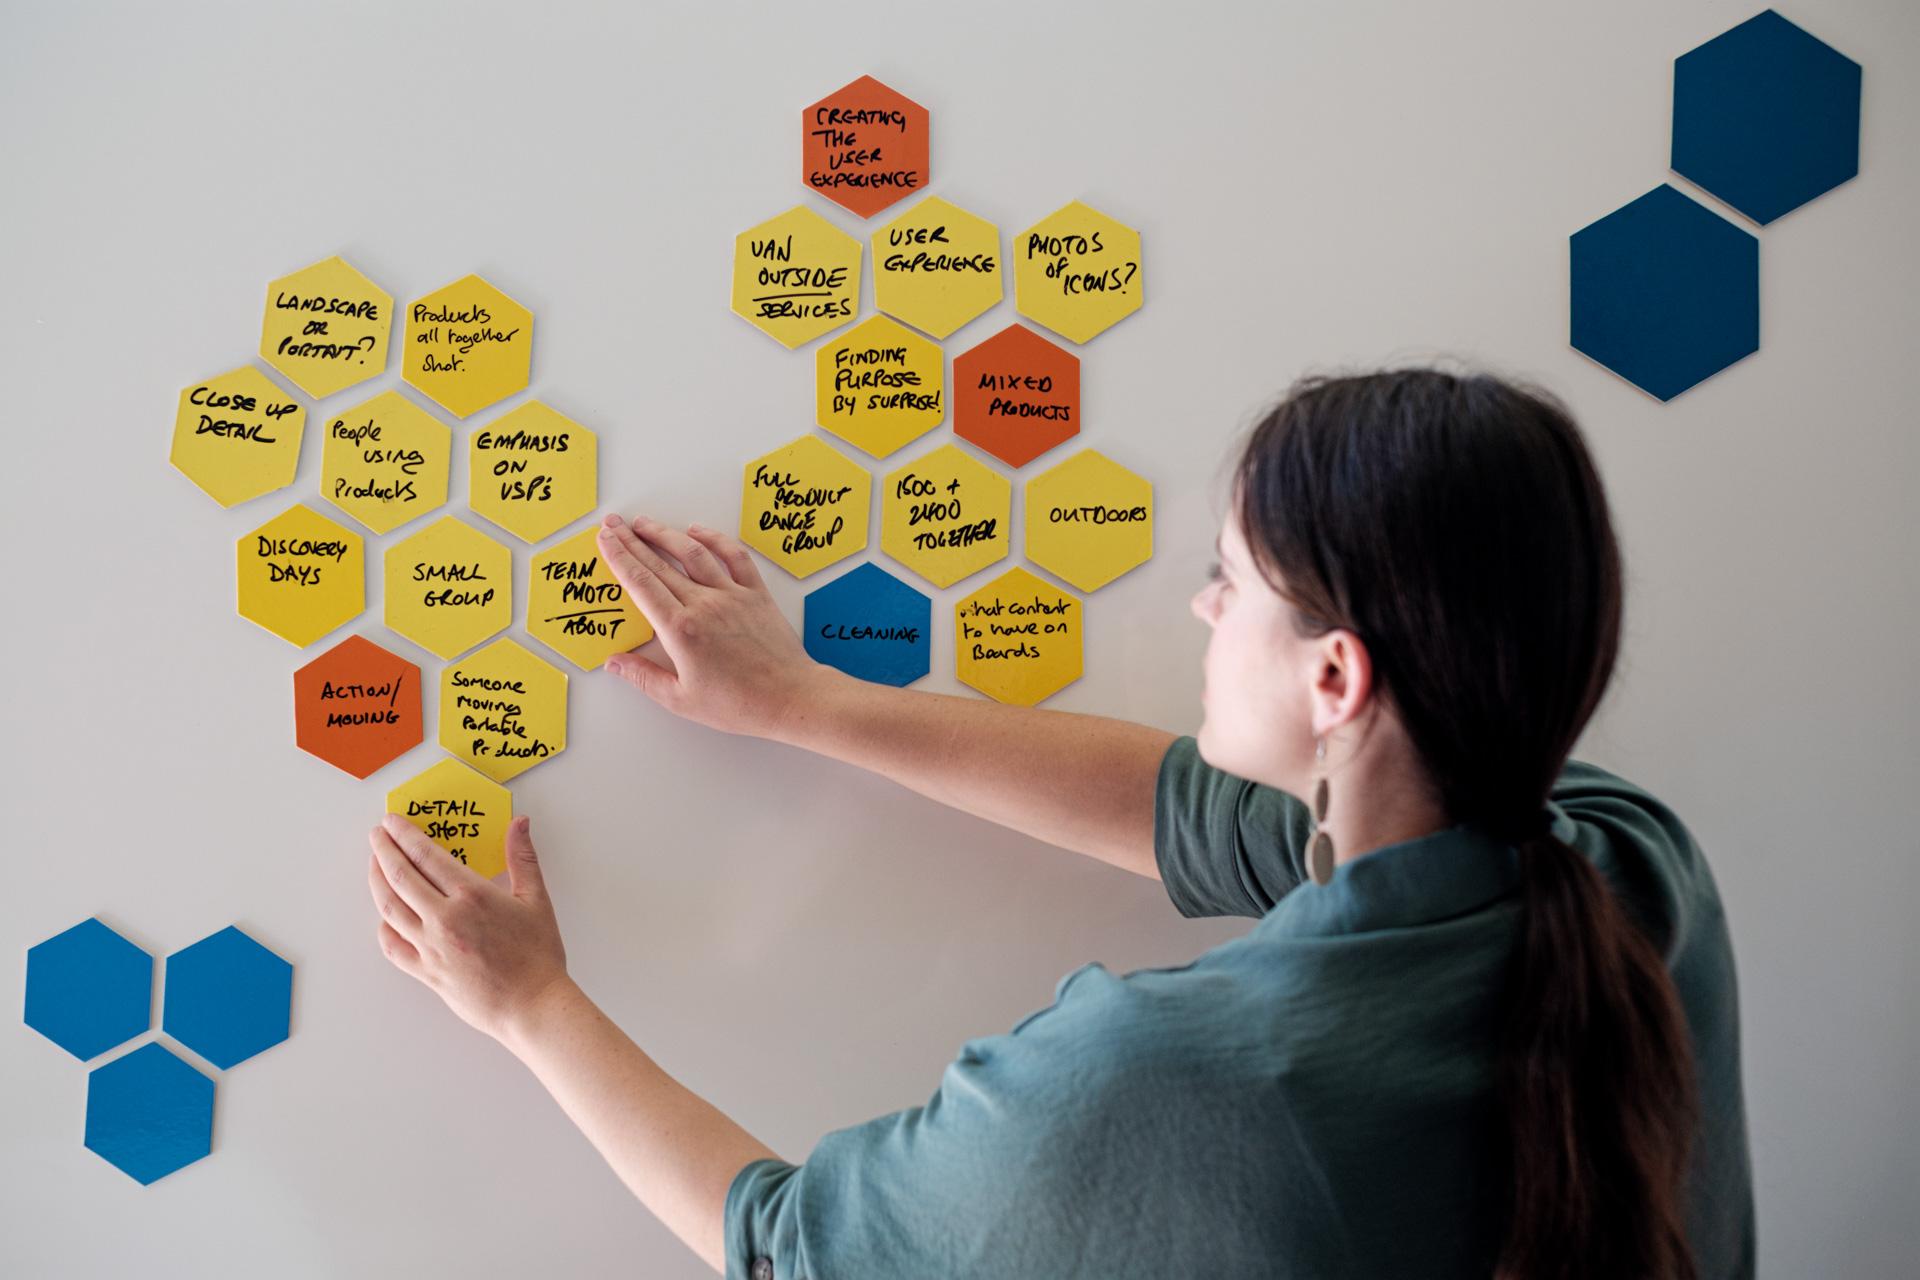 visual thinking process